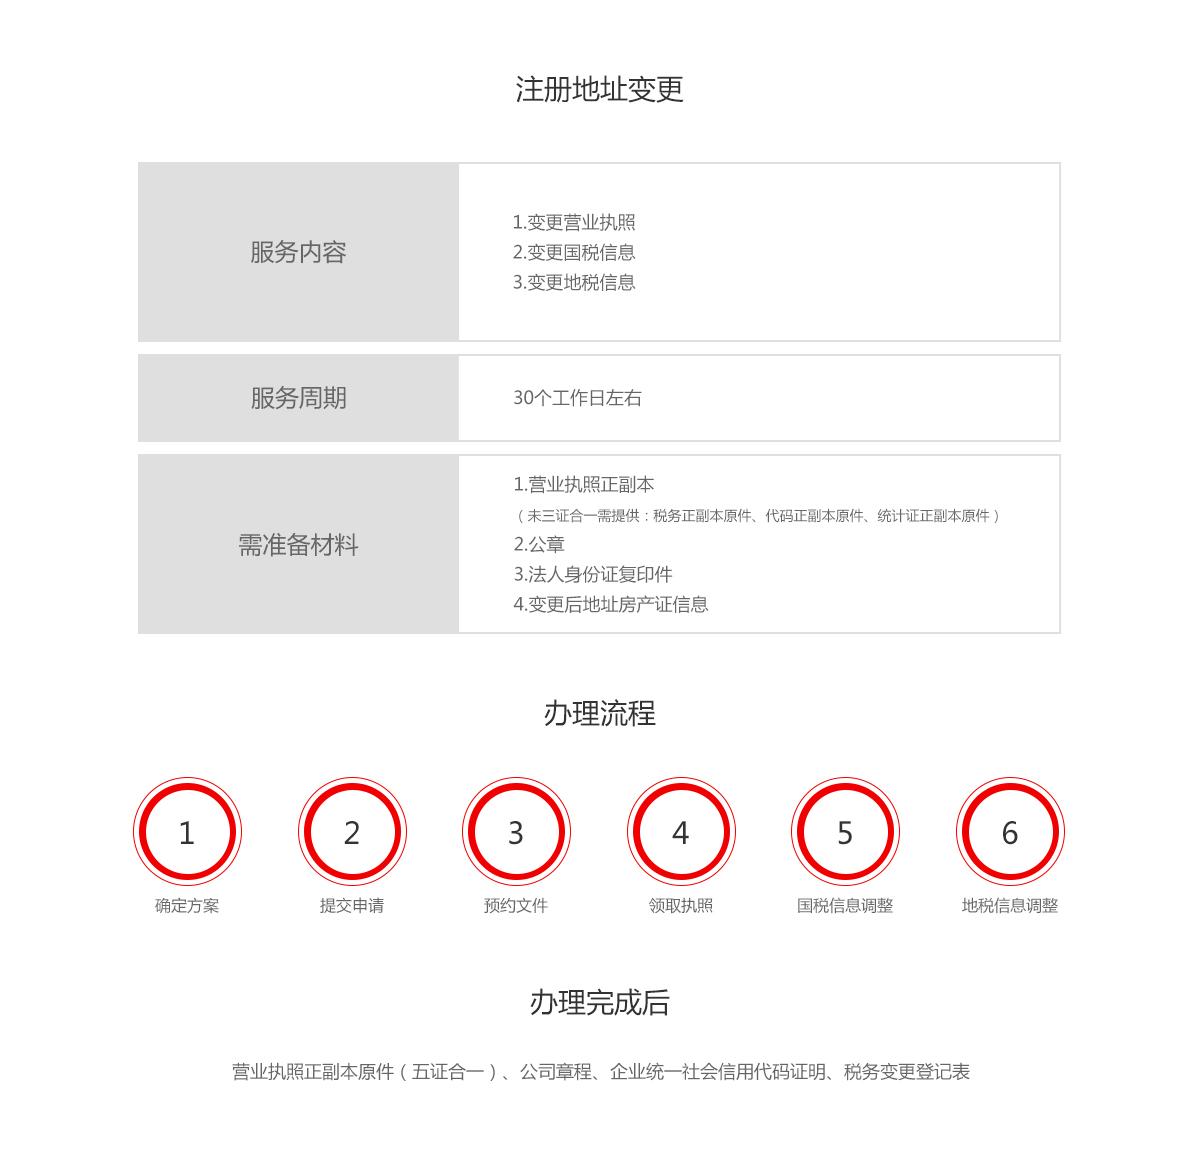 注冊地址變更_01.jpg